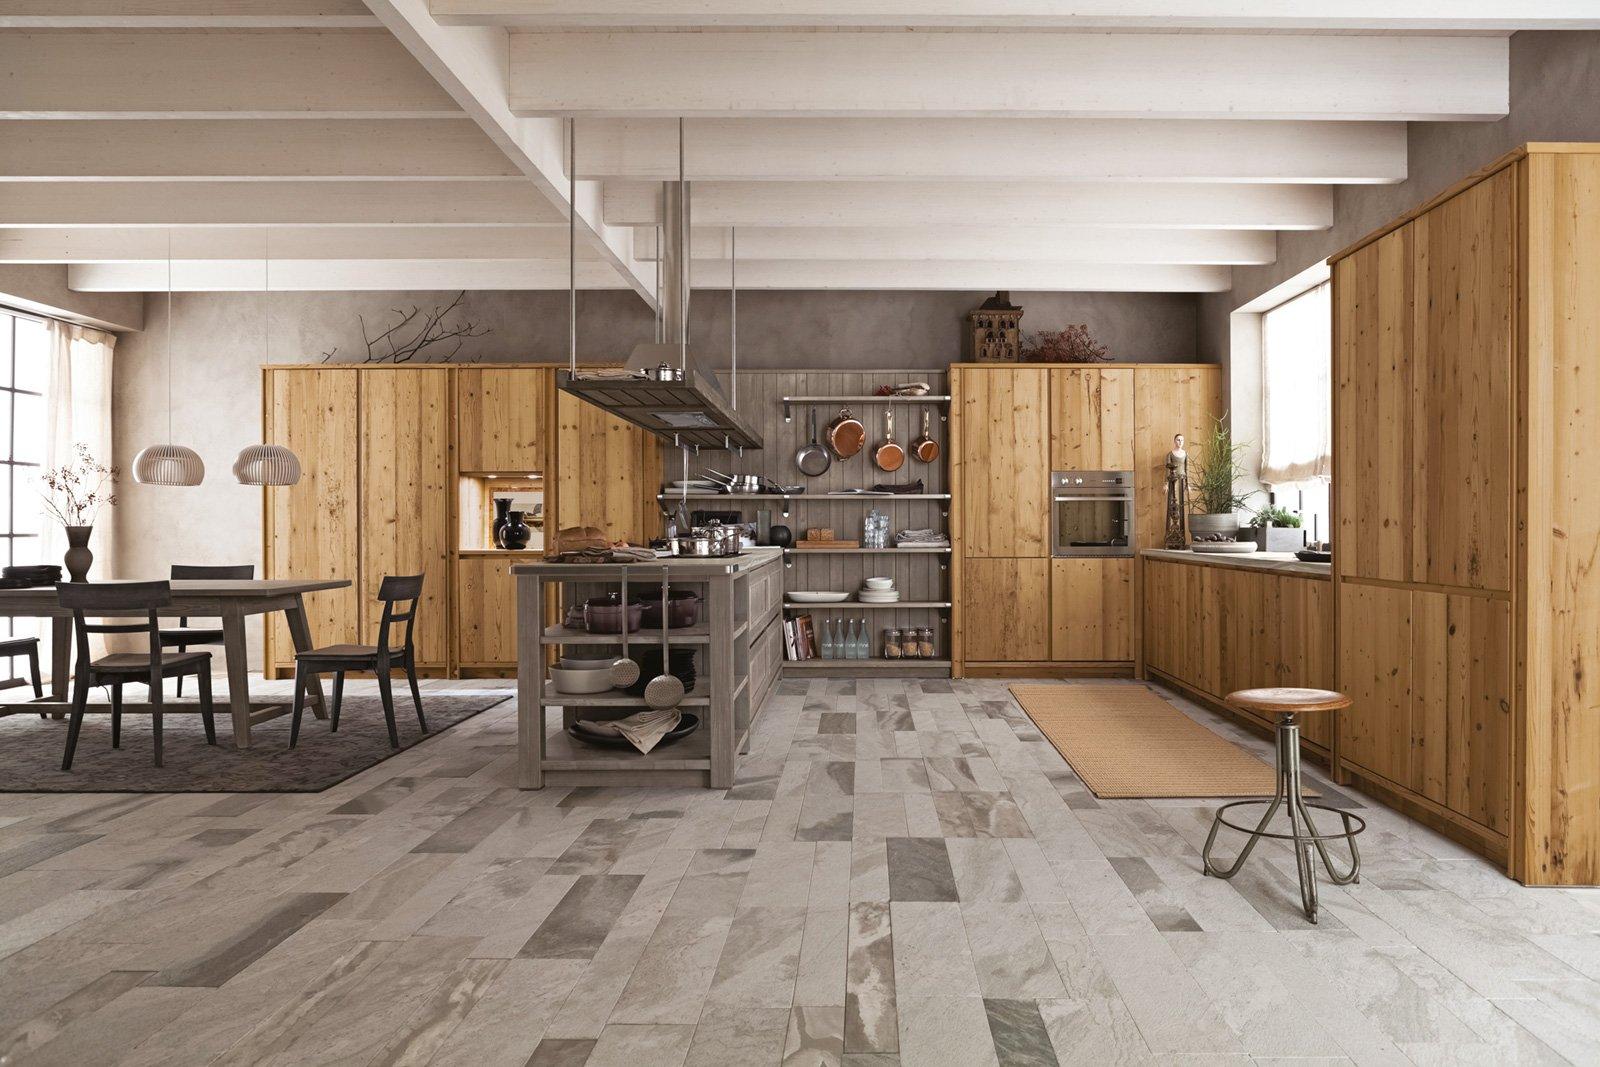 Cucine a vista per il loft nel soggiorno open space for Immagini design